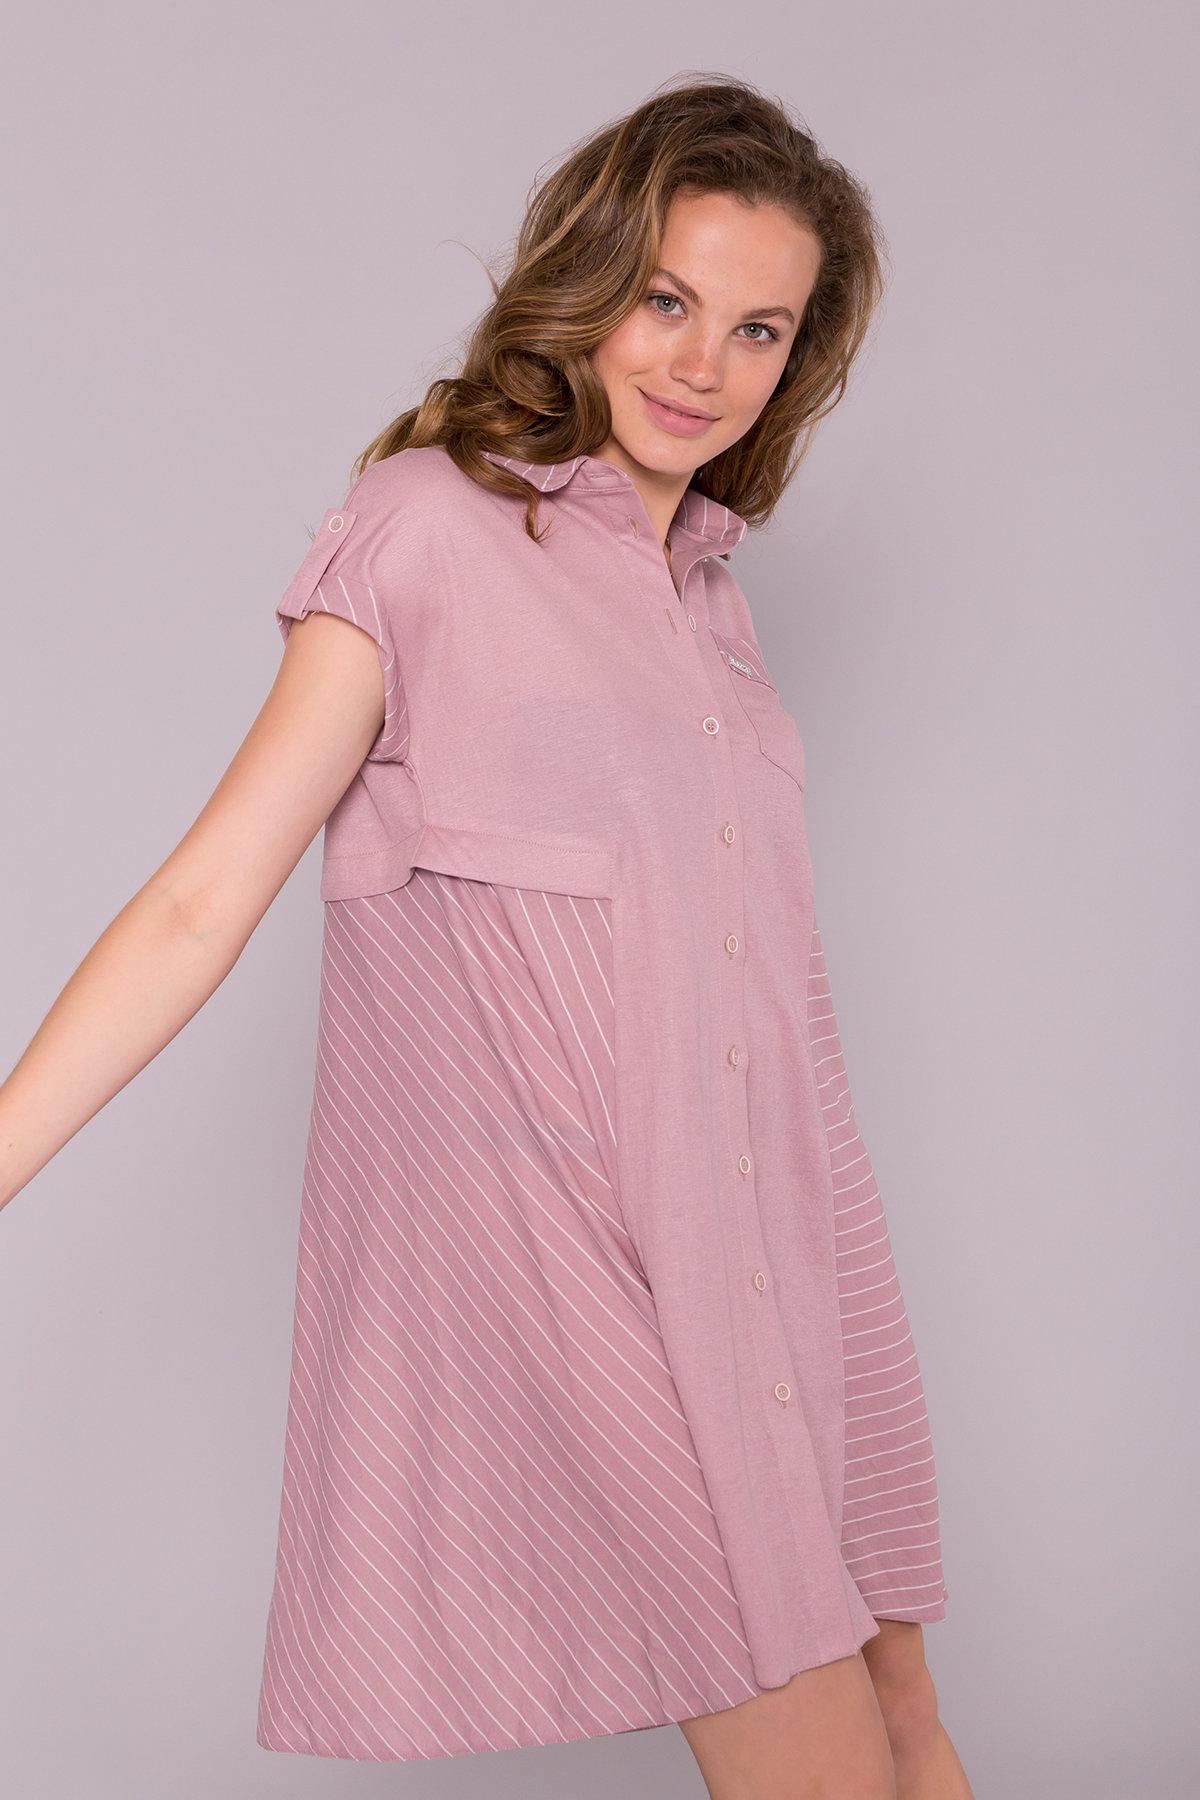 Платье Грея 7142 АРТ. 42555 Цвет: Пудра/полоска молоко - фото 3, интернет магазин tm-modus.ru